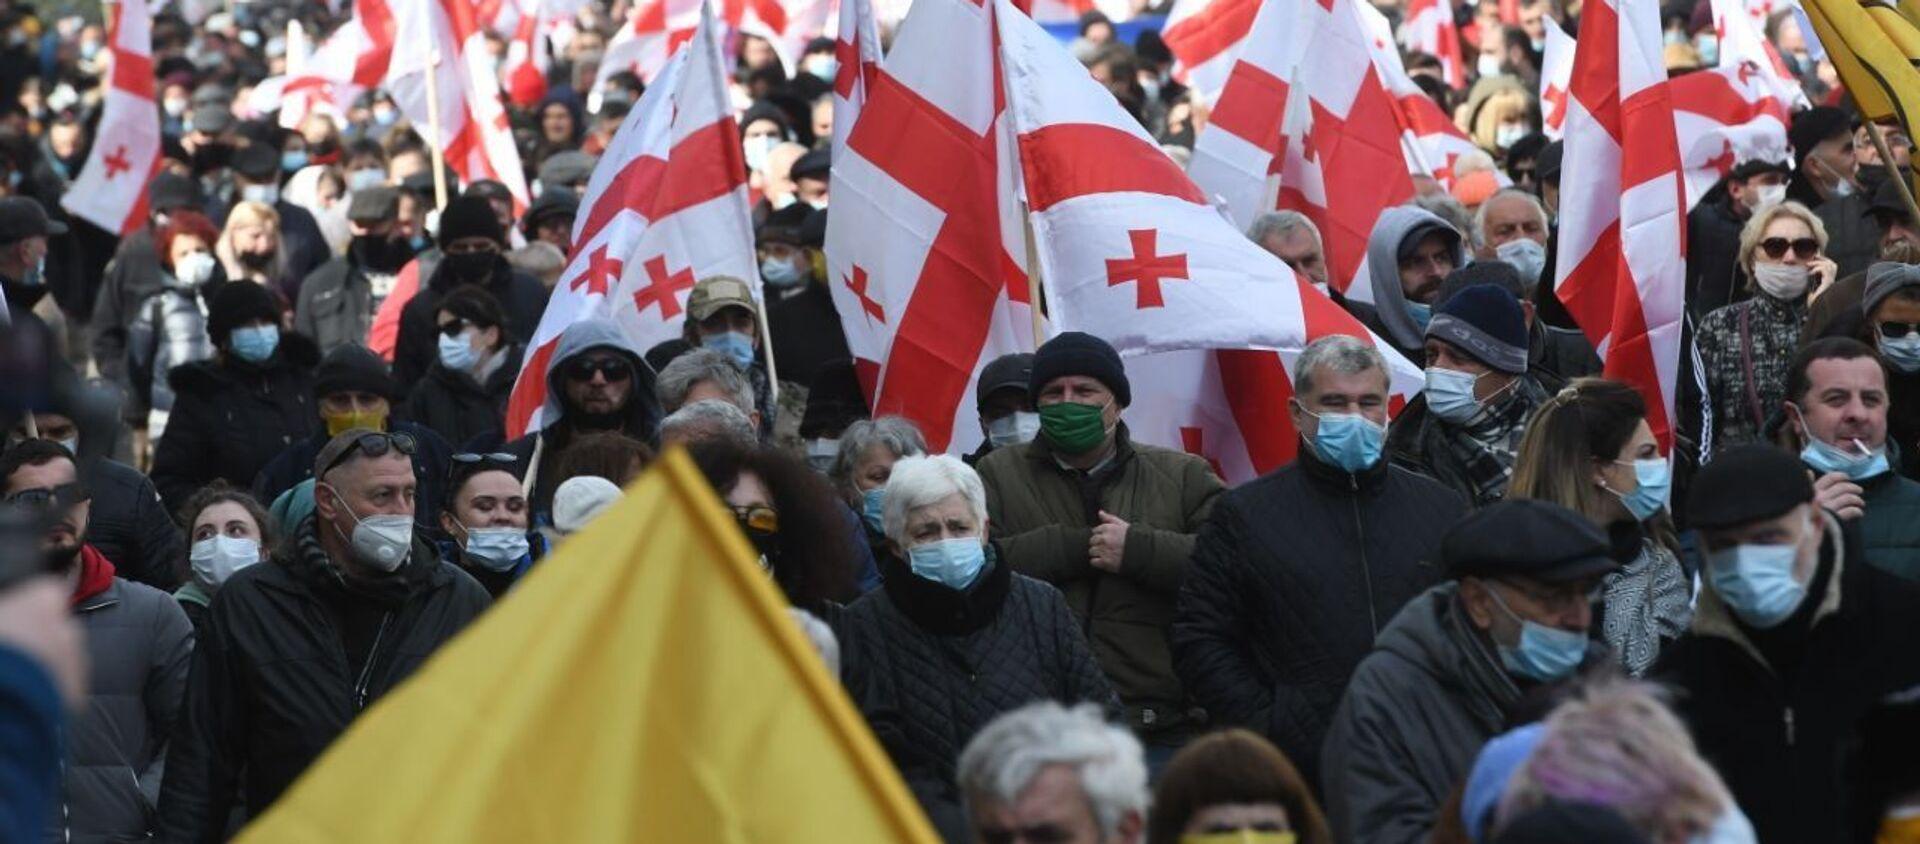 Акция протеста объединенной оппозиции 26 февраля 2021 года - Sputnik Грузия, 1920, 26.02.2021